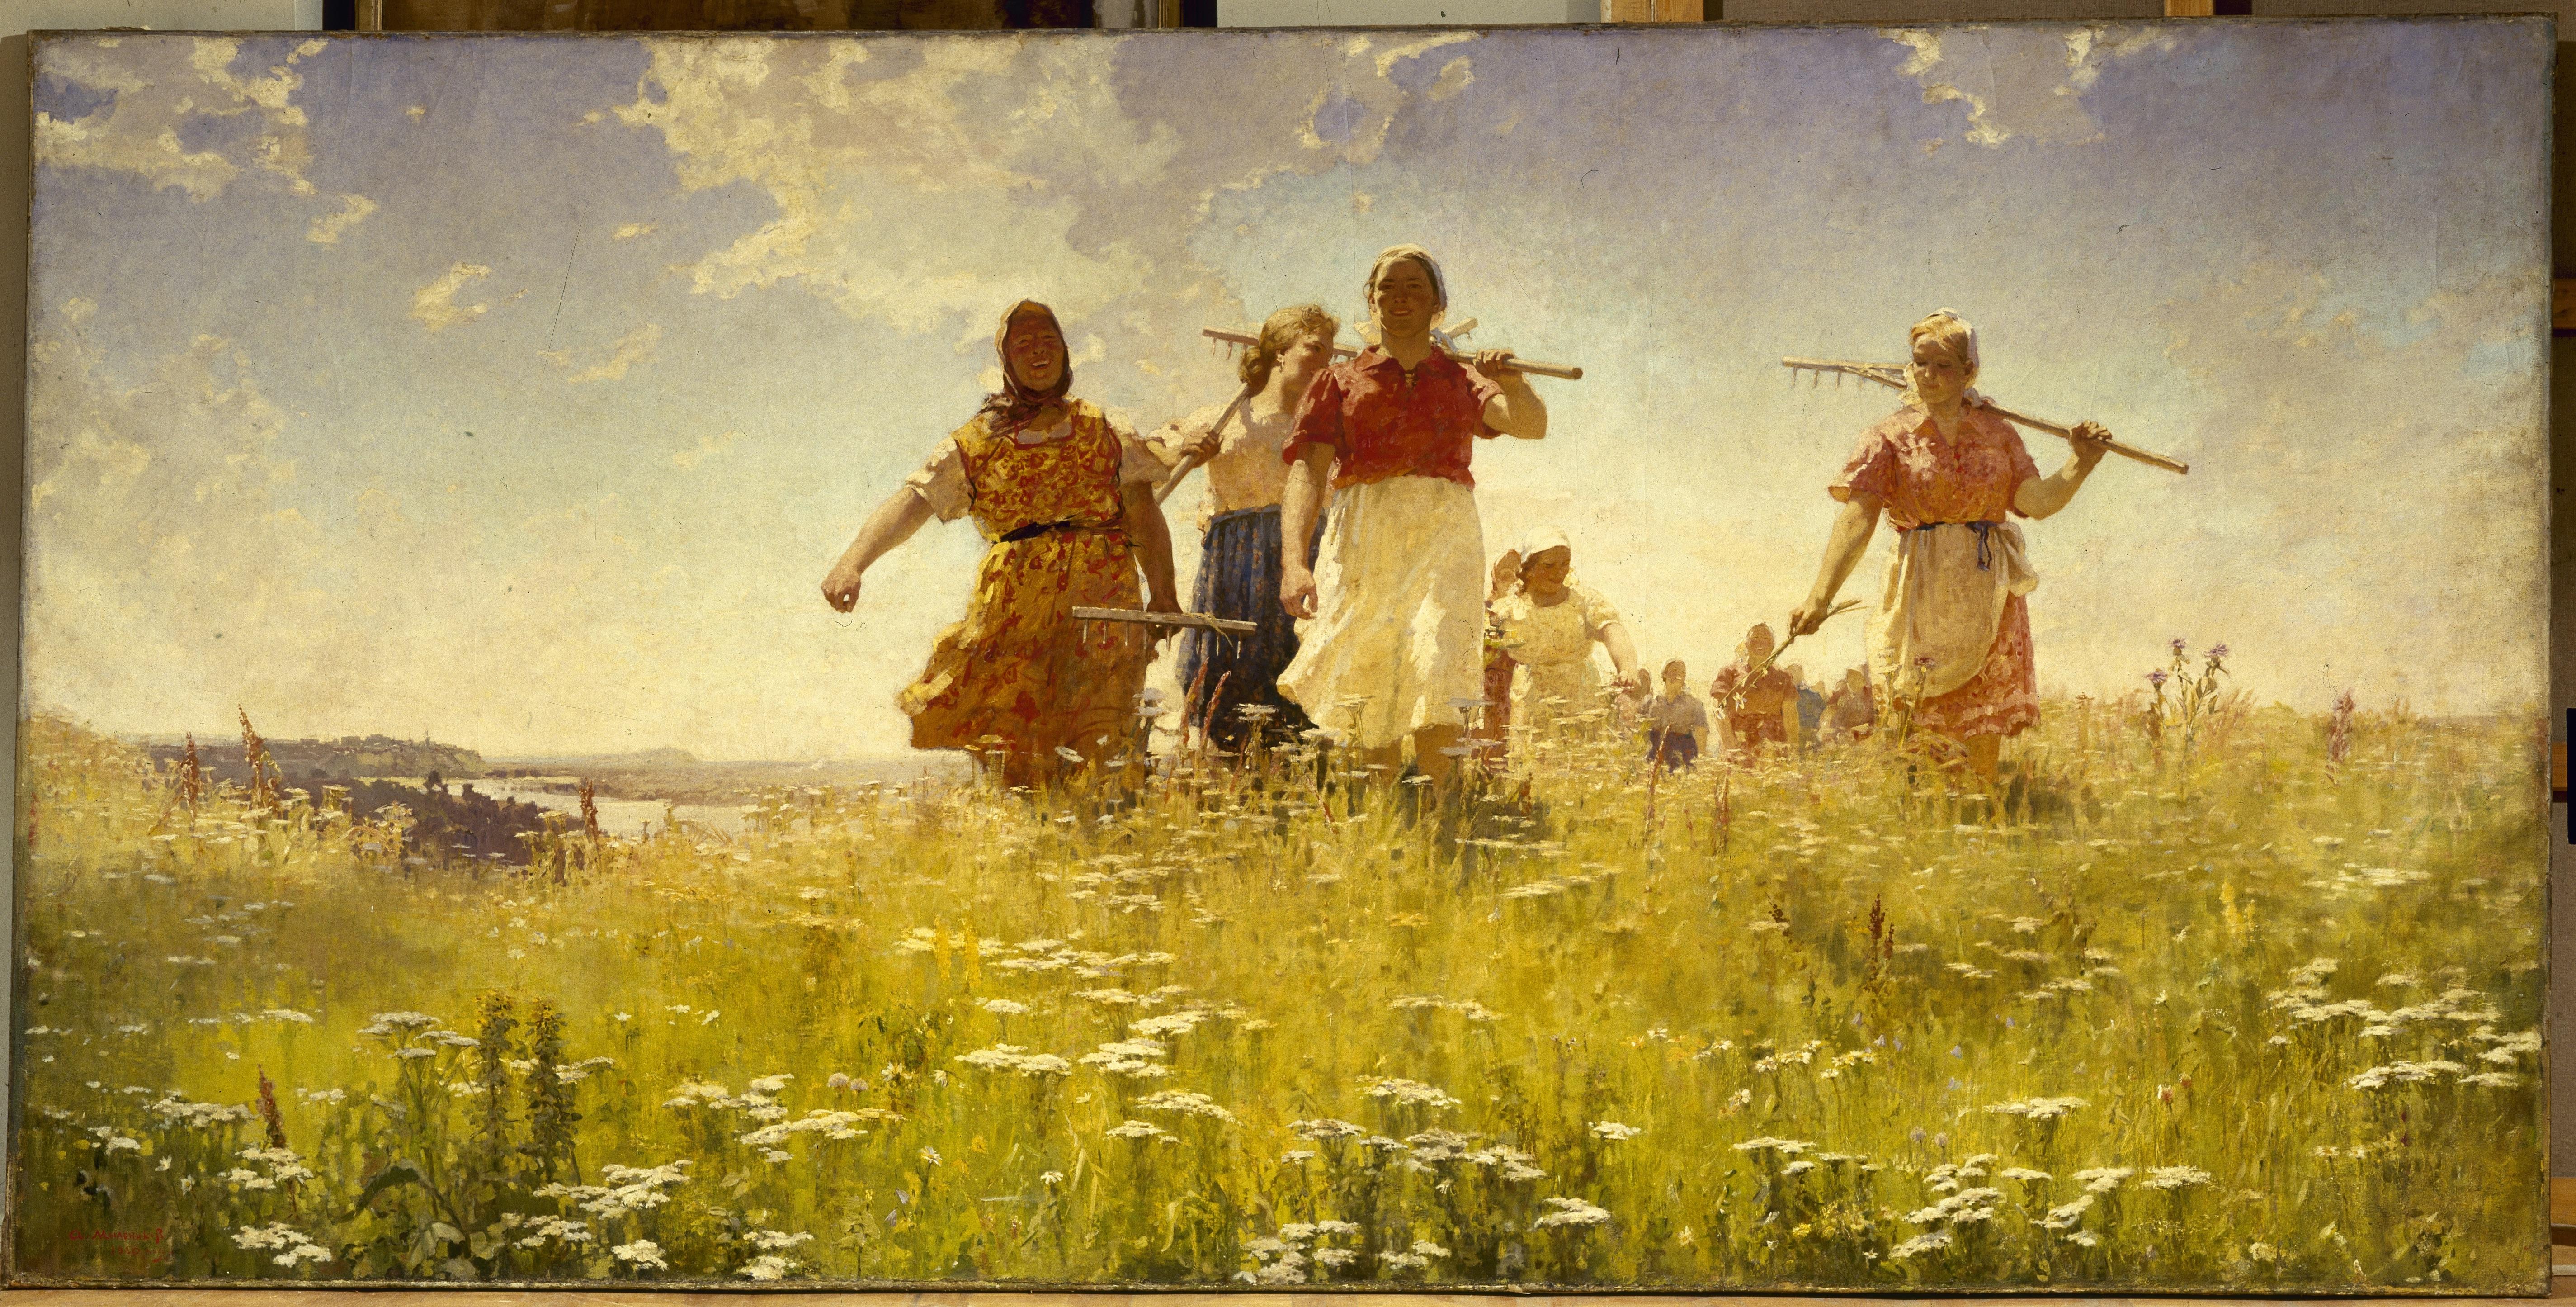 Realismo Socialista Y El Viaje Inspirador En El Museo Ruso De Málaga